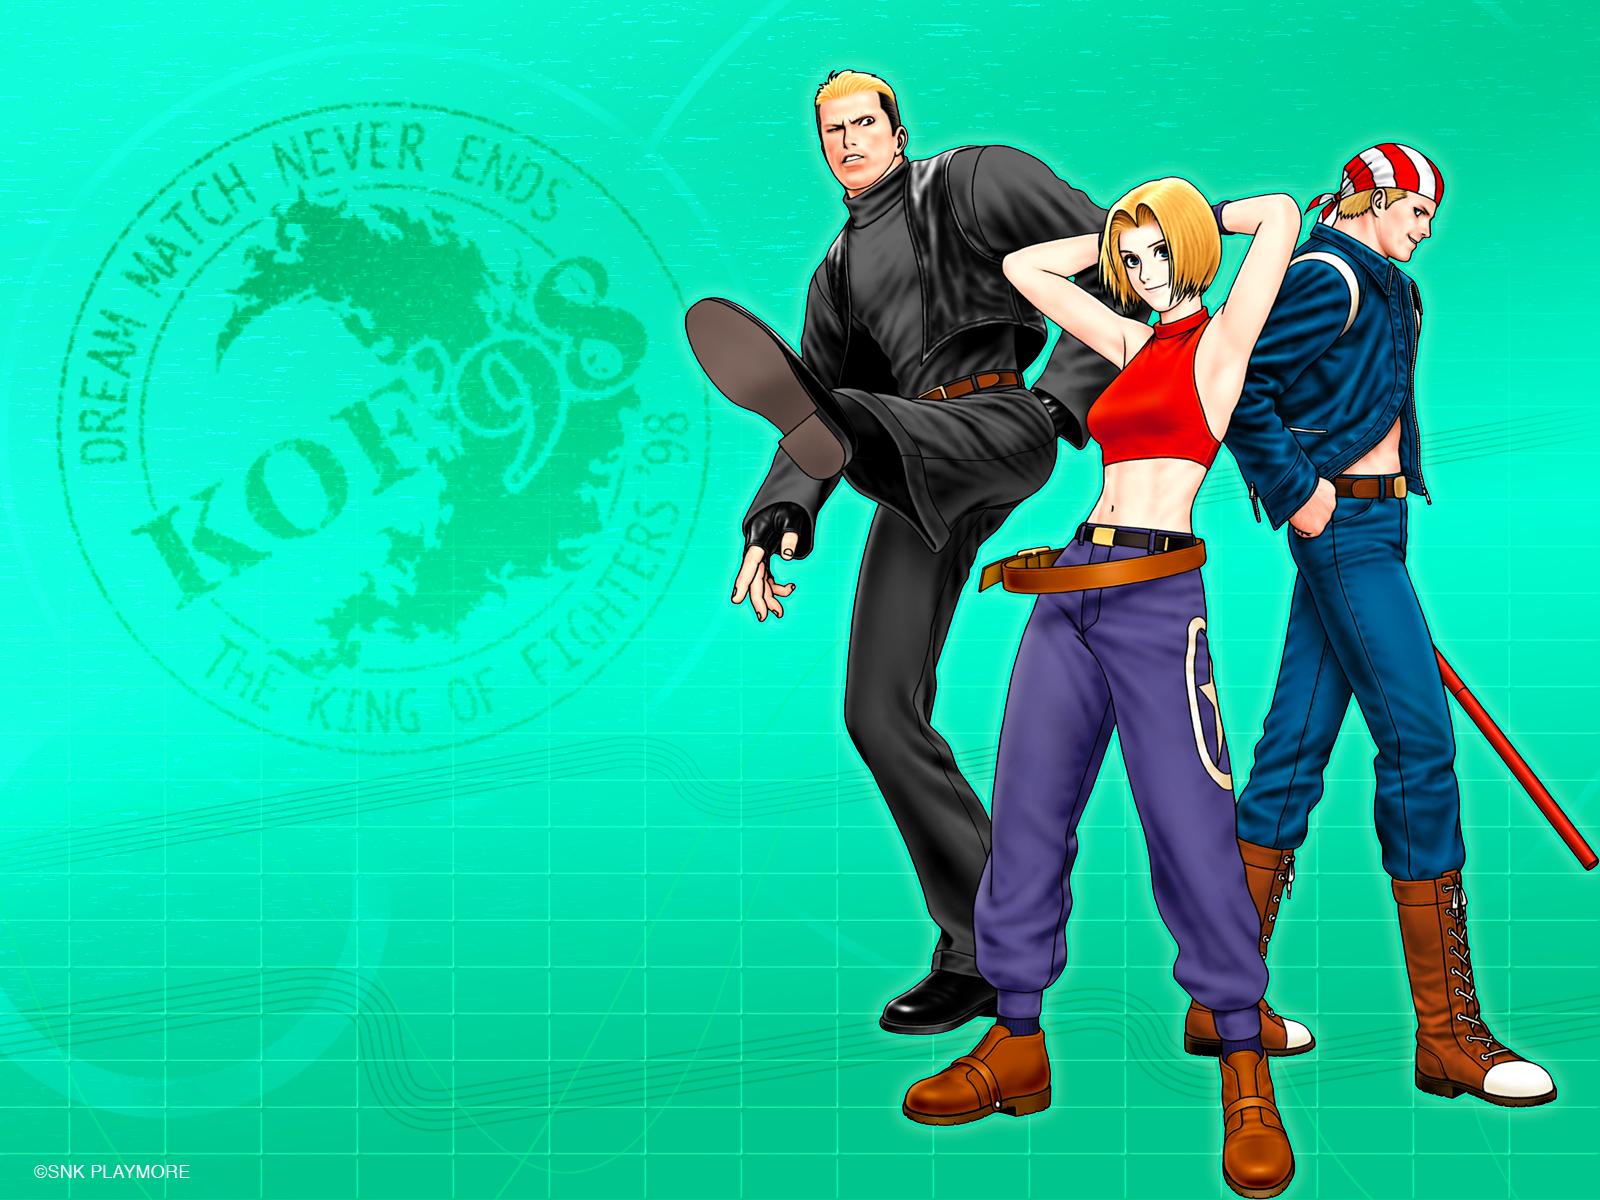 King Of Fighters Wallpaper 899977 Zerochan Anime Image Board